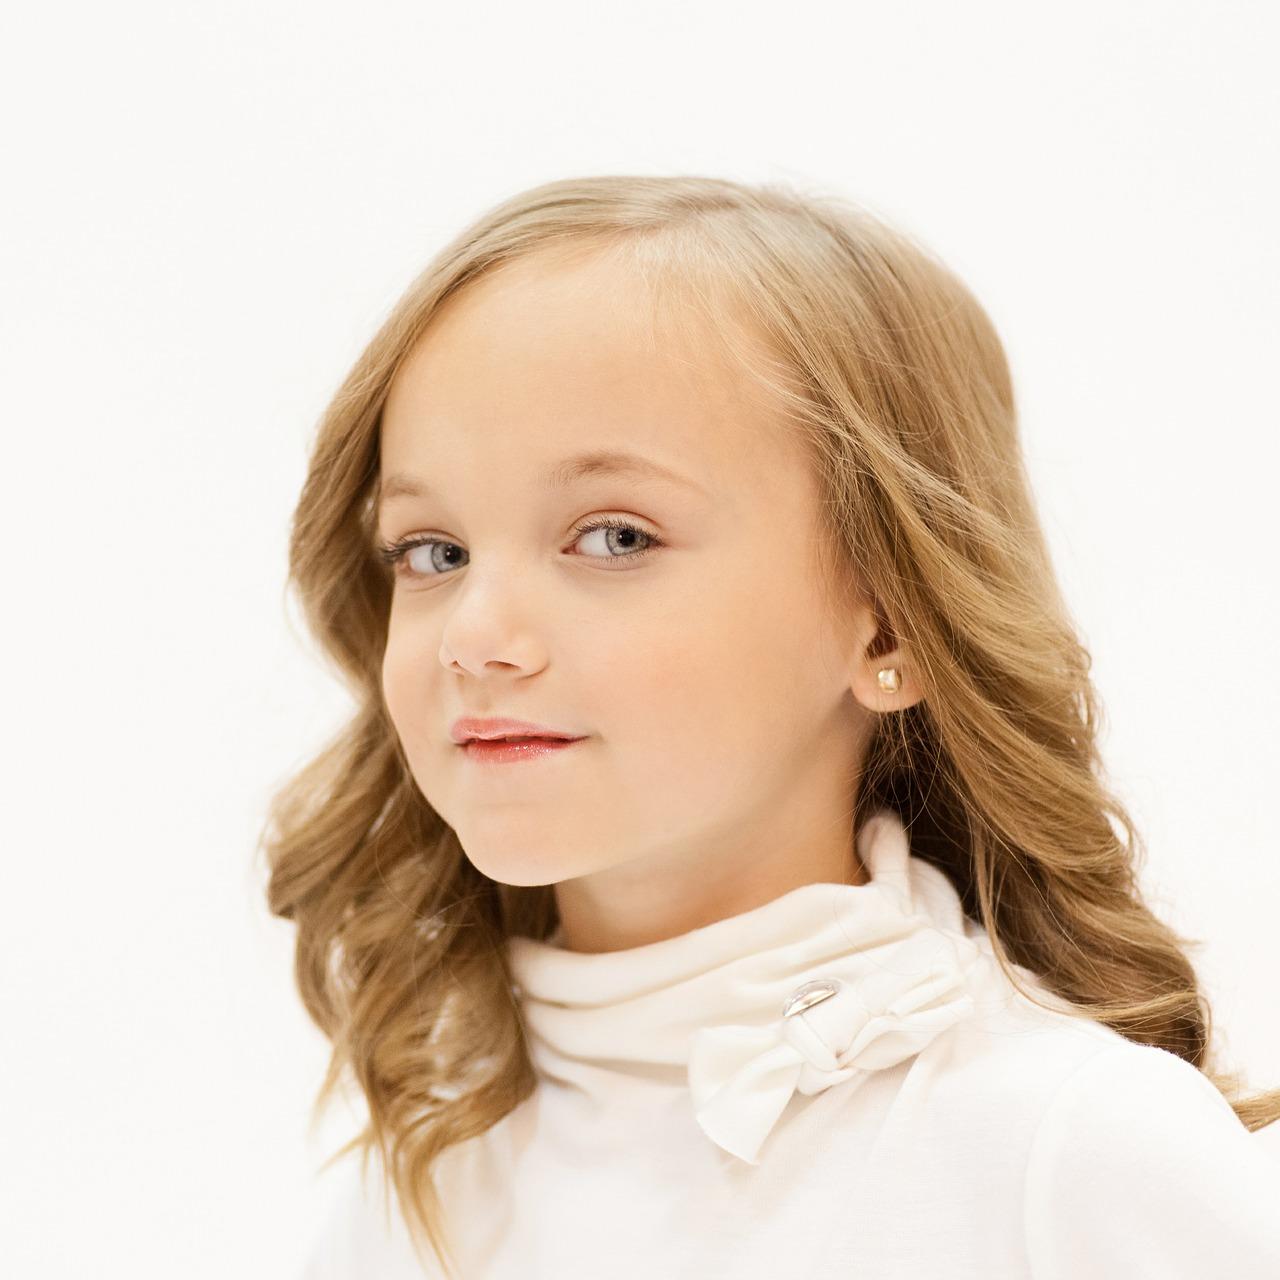 girl-545510_1280.jpg